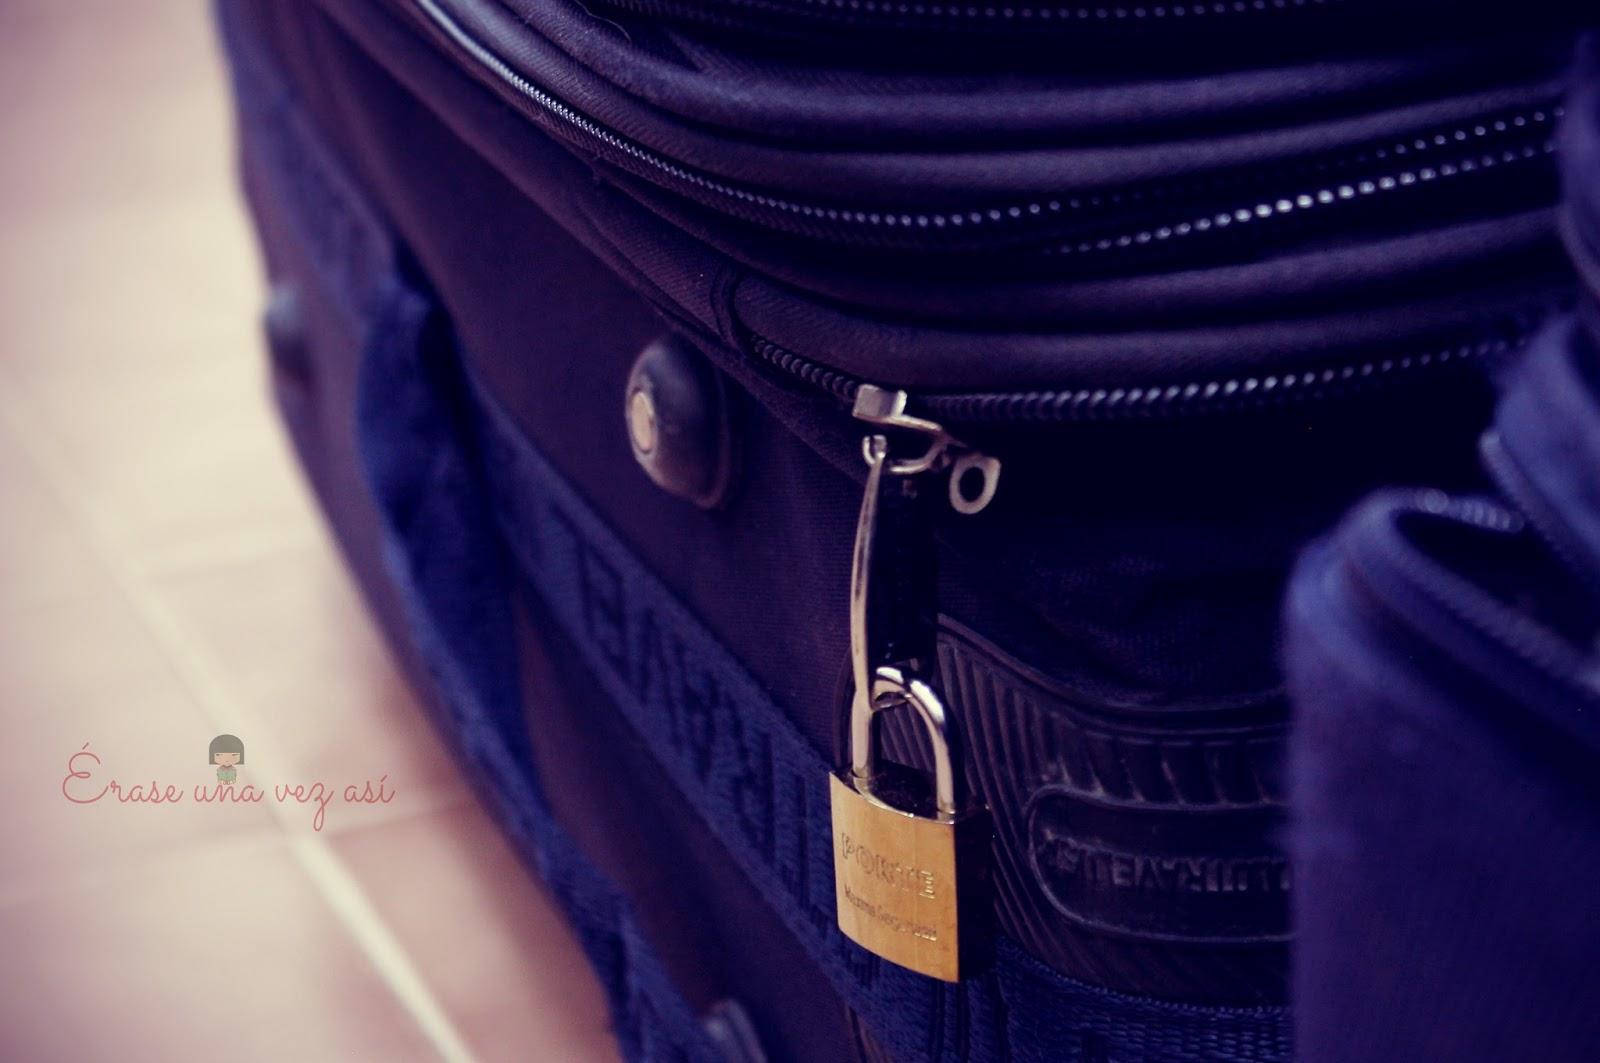 Me fui a ser feliz y no sé cuando vuelvo, maleta, viaje sin rumbo, frases de amor, relatos de amor, frases para reflexionar